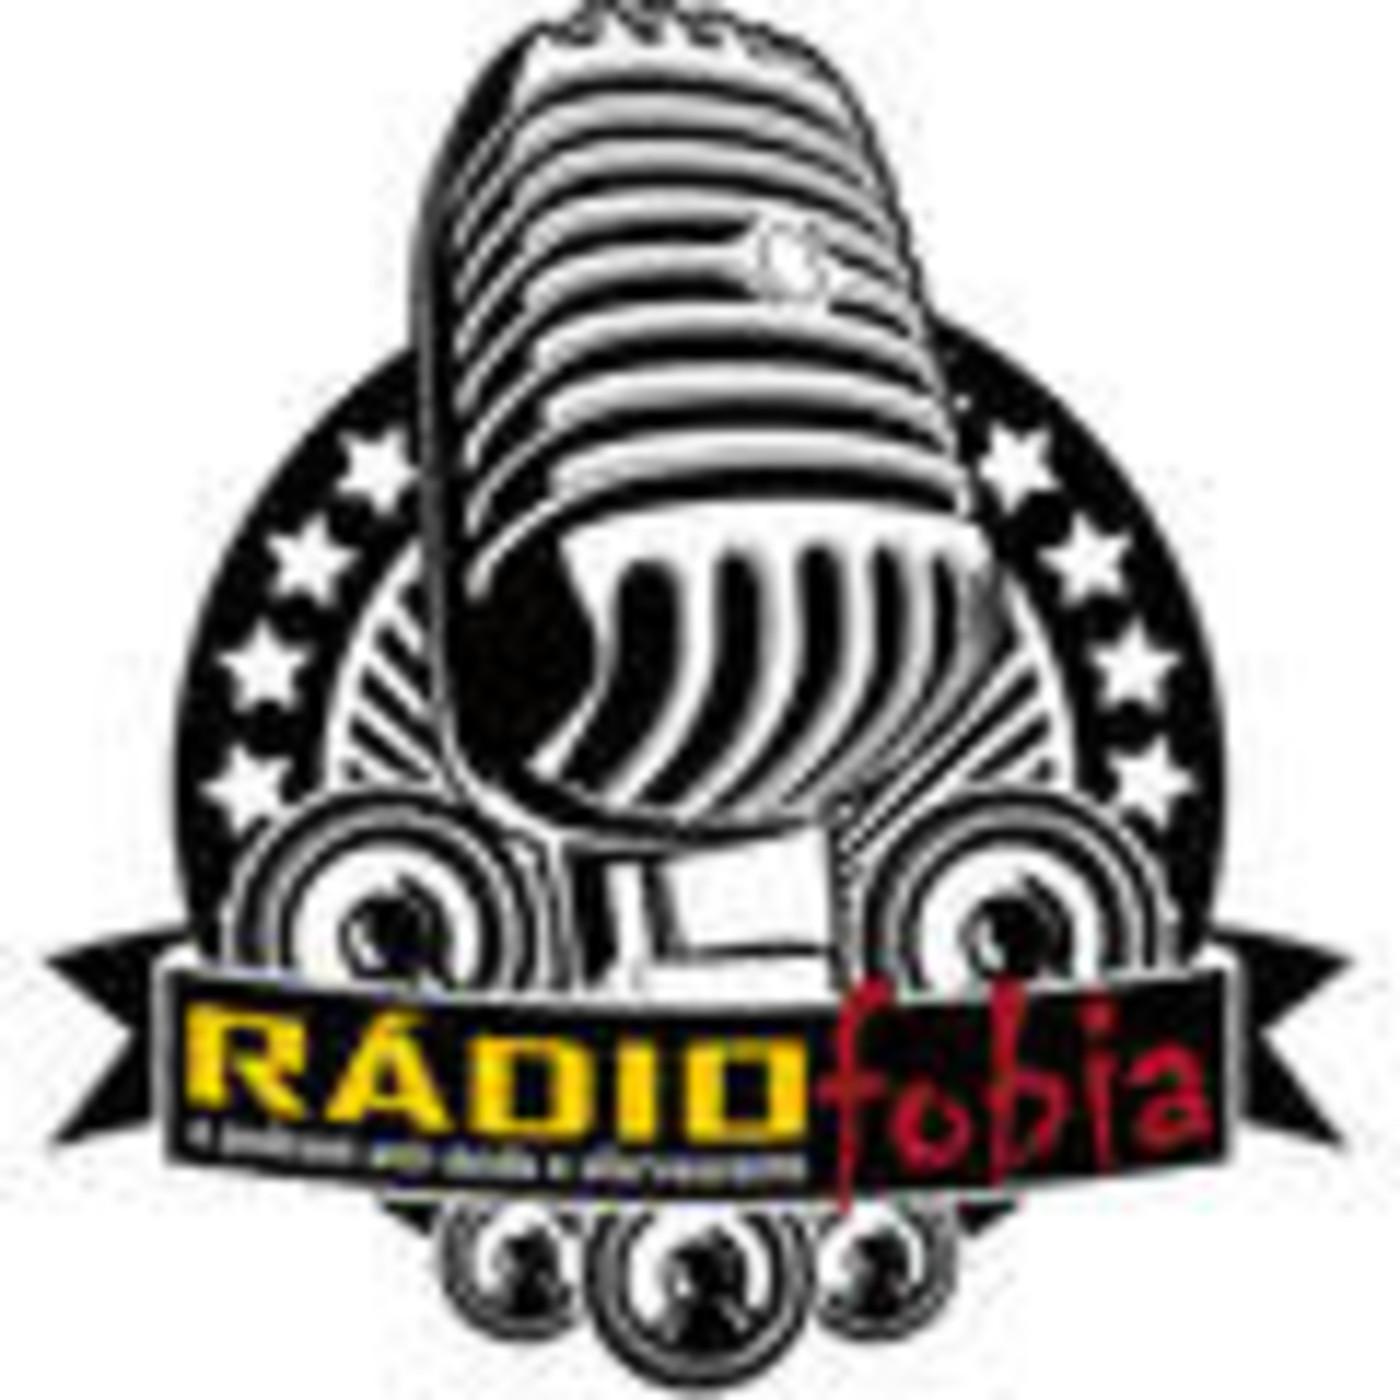 Rádiofobia Podcast e Multimídi